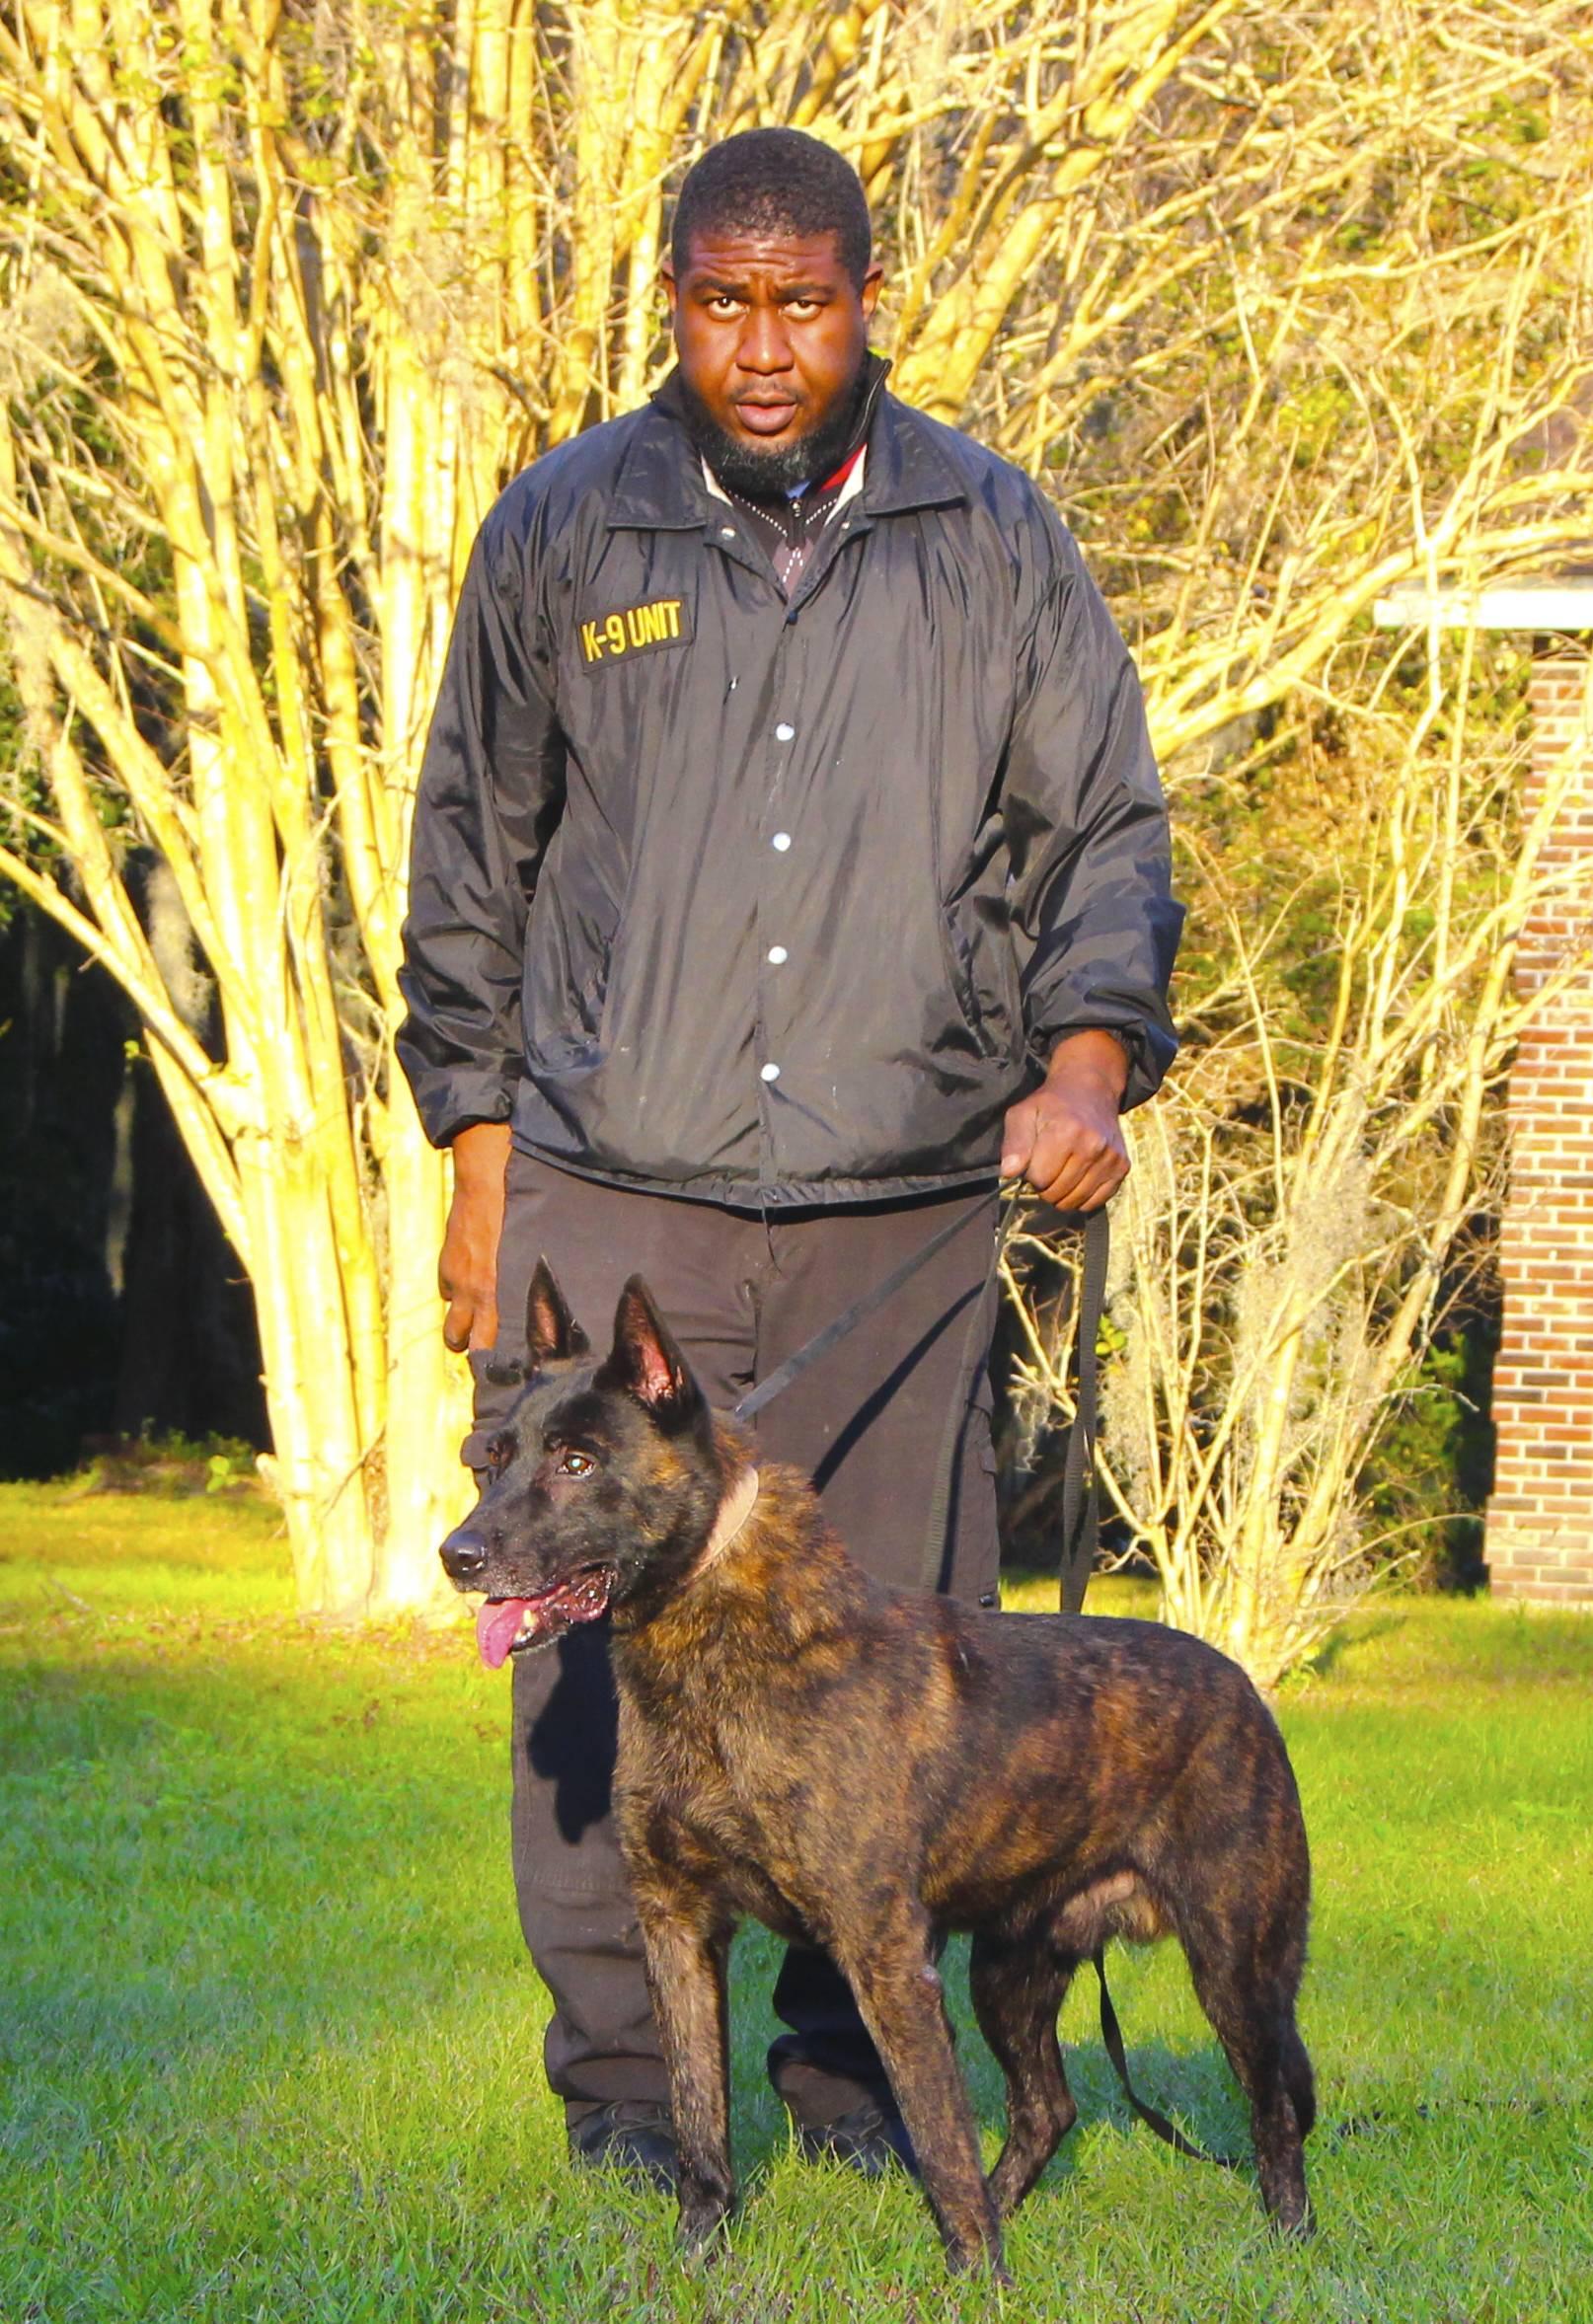 Dutch Dog Trainer Visits Australia